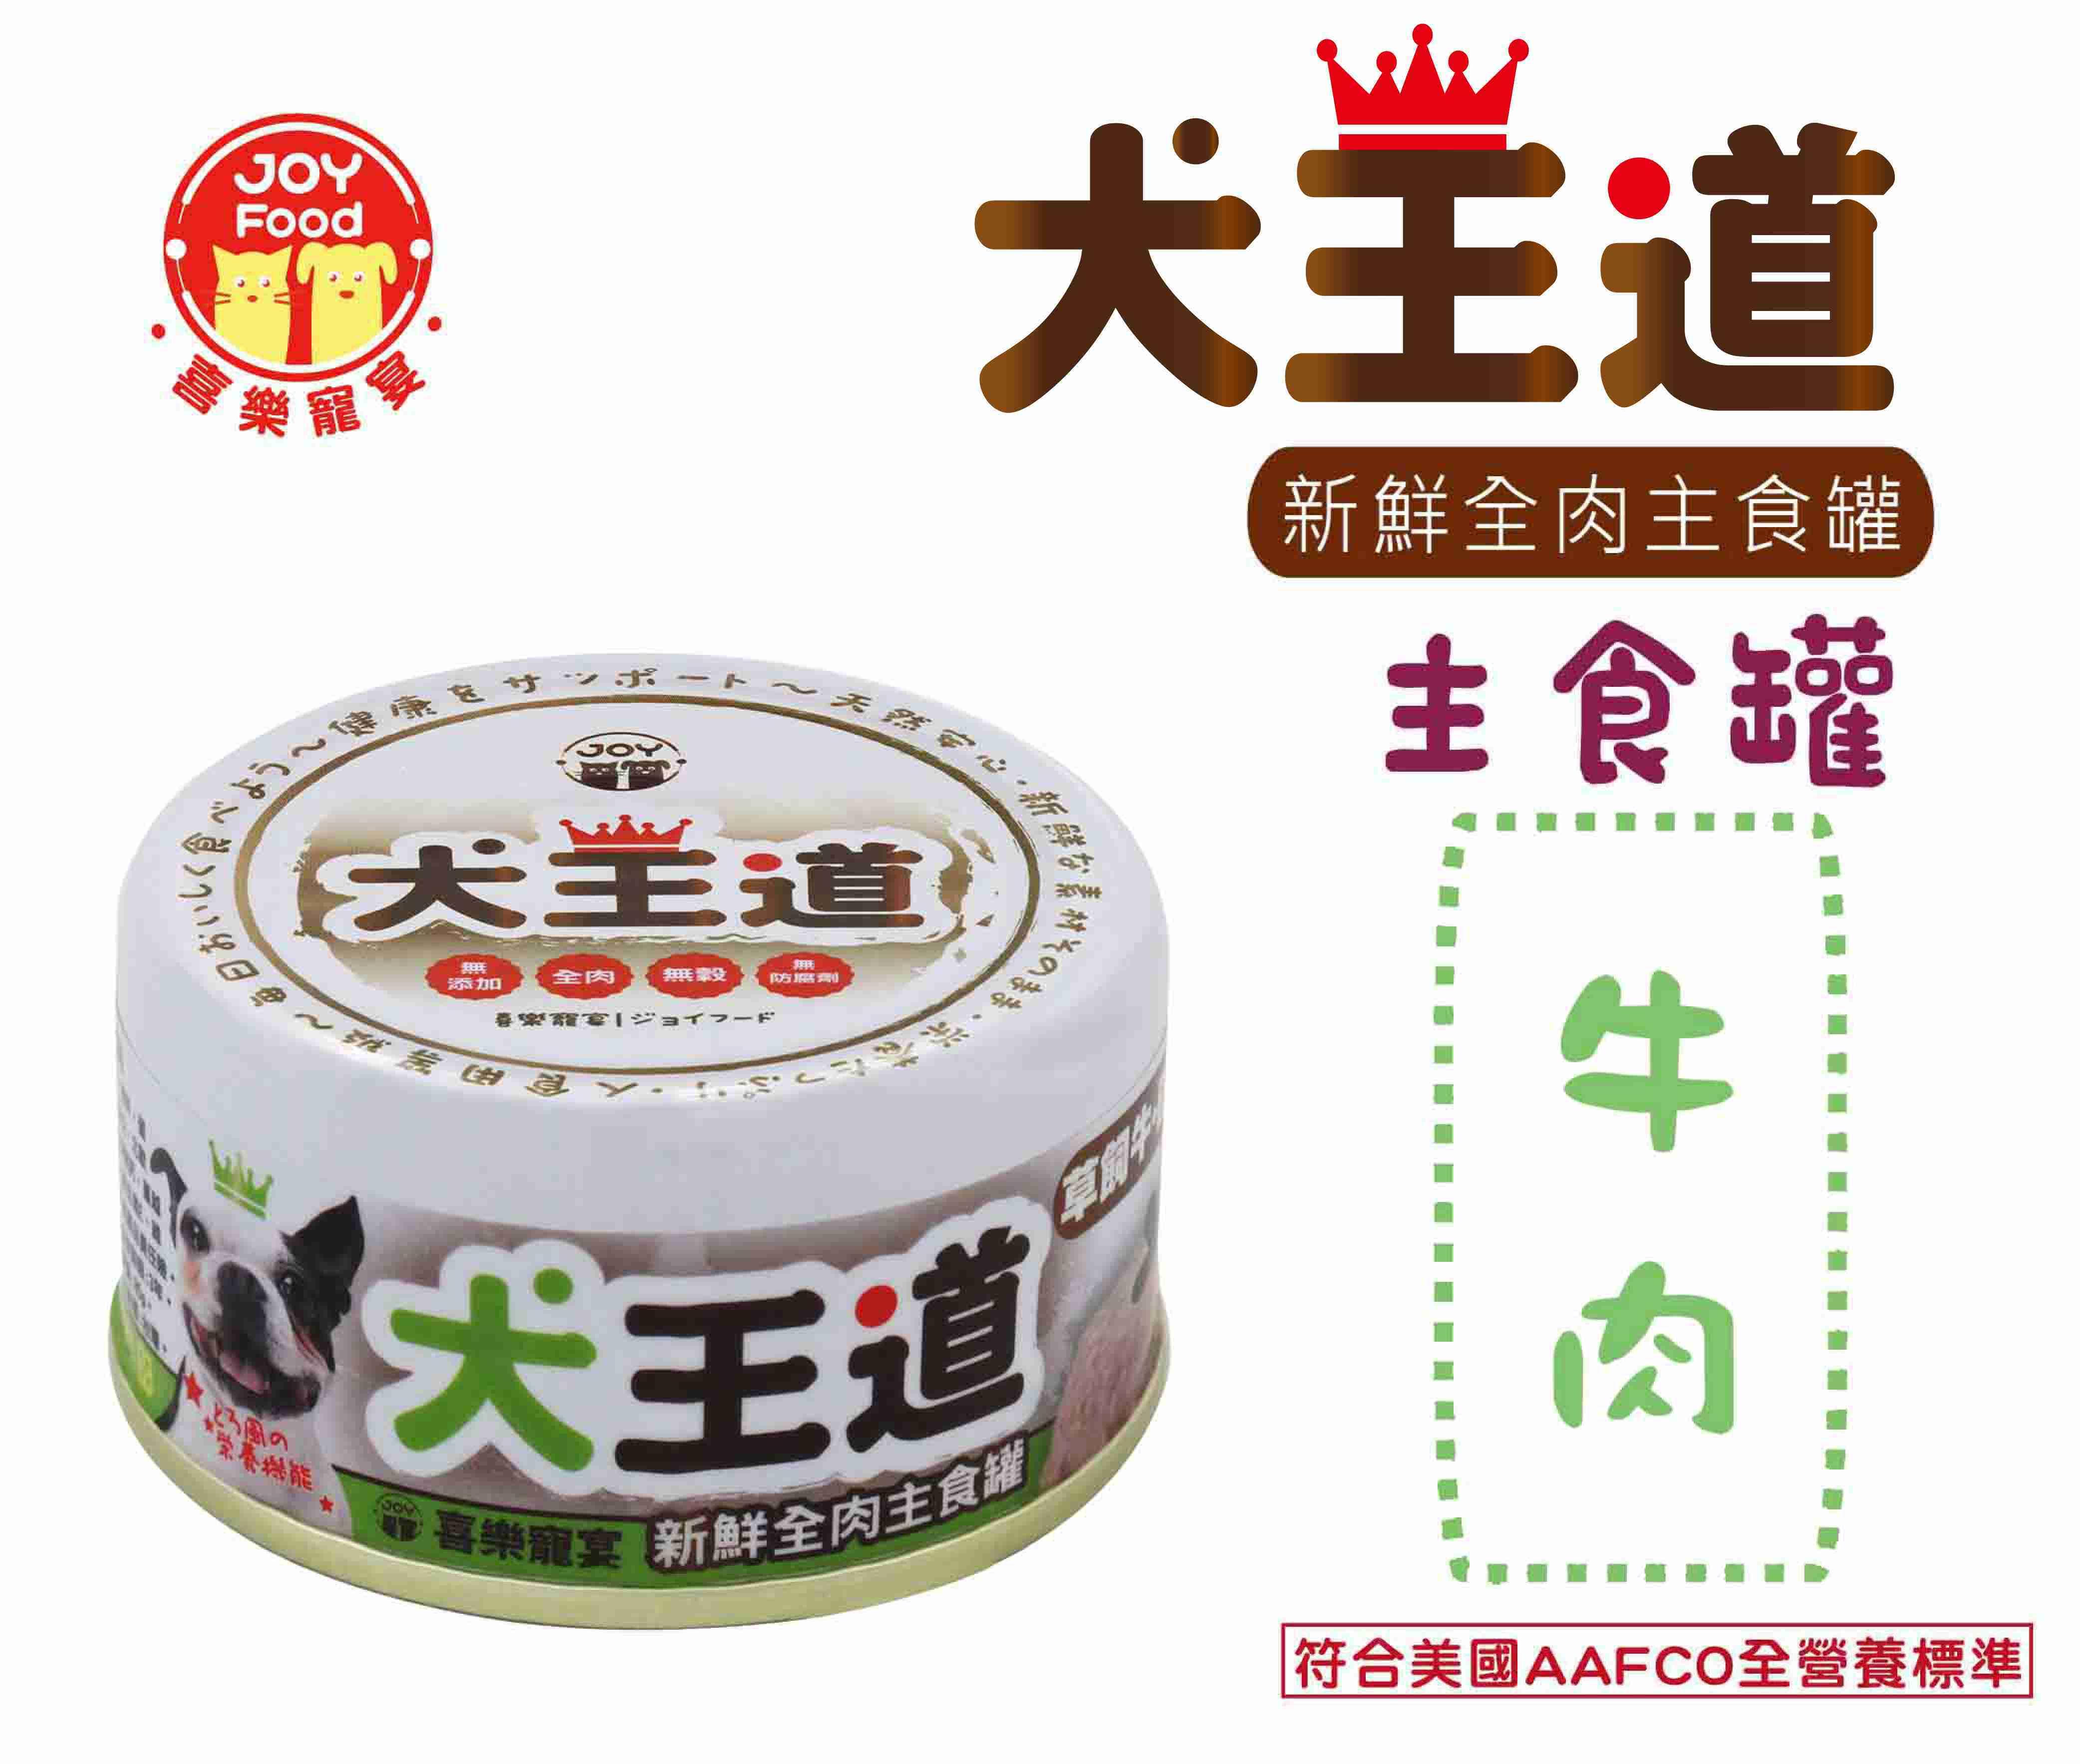 喜樂寵宴-犬王道之新鮮全肉主食罐-草飼牛+田園雞(老狗適用) (24罐/盒)